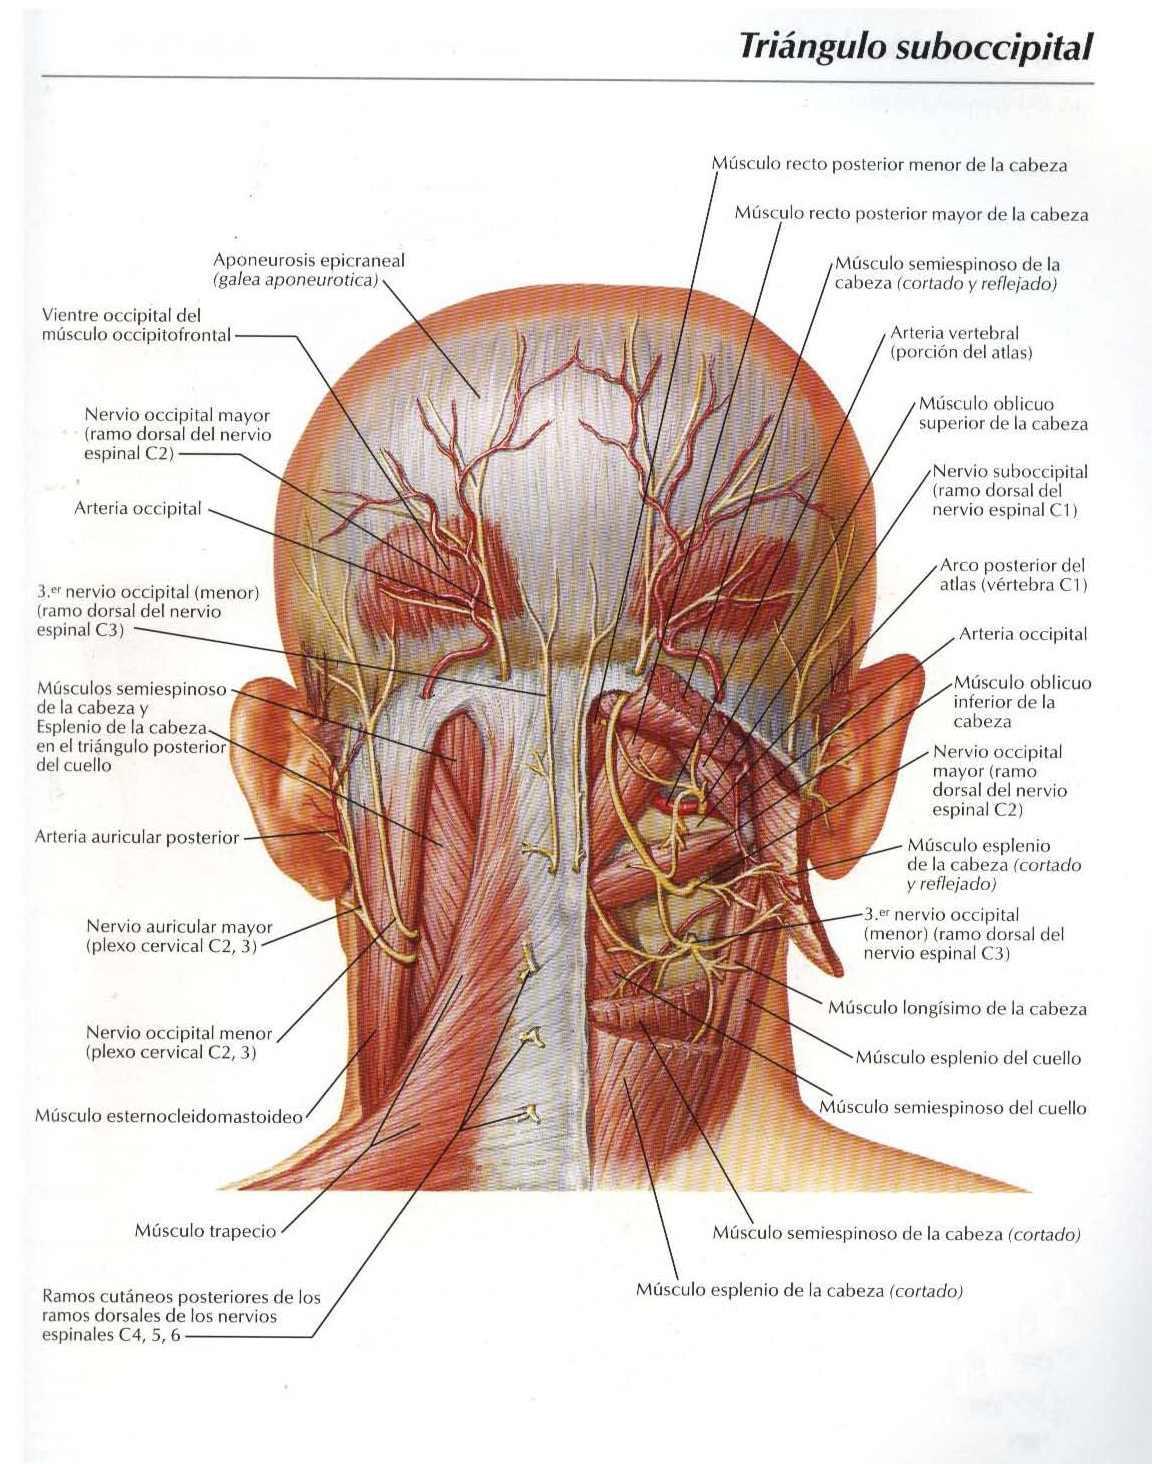 Atlas: Triángulo suboccipital - Salud, vida sana, la medicina ...